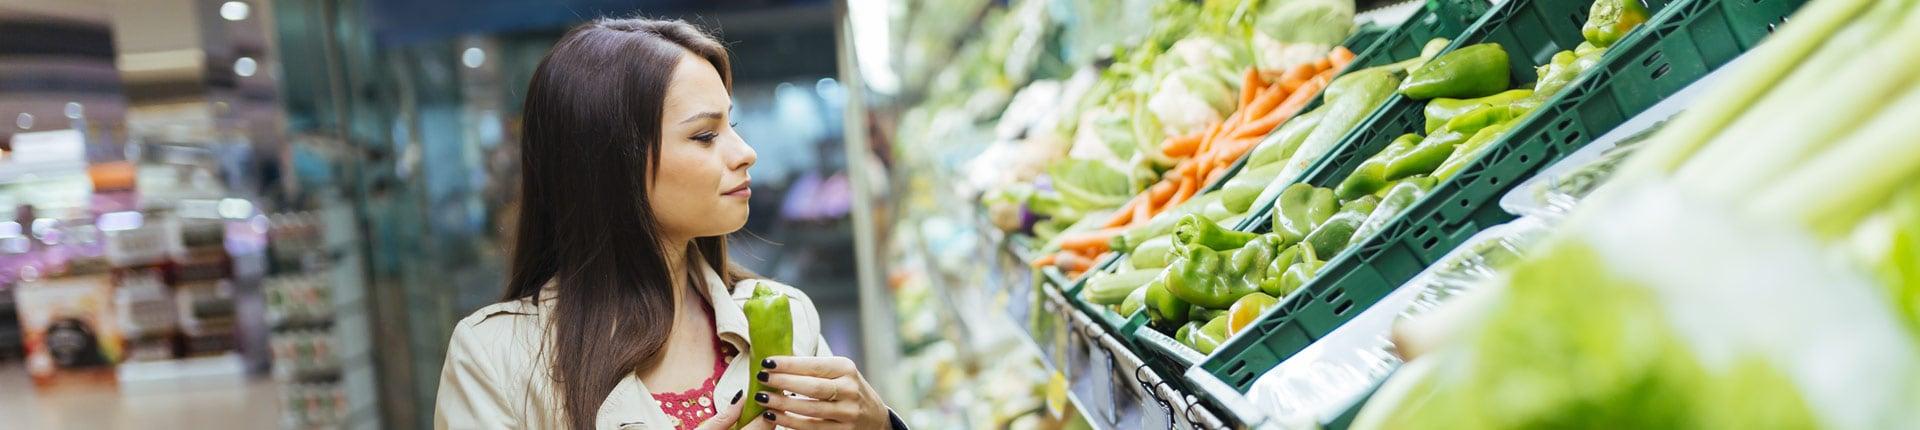 Zielone warzywa pakowane w worki foliowe - czy na pewno zdrowe?